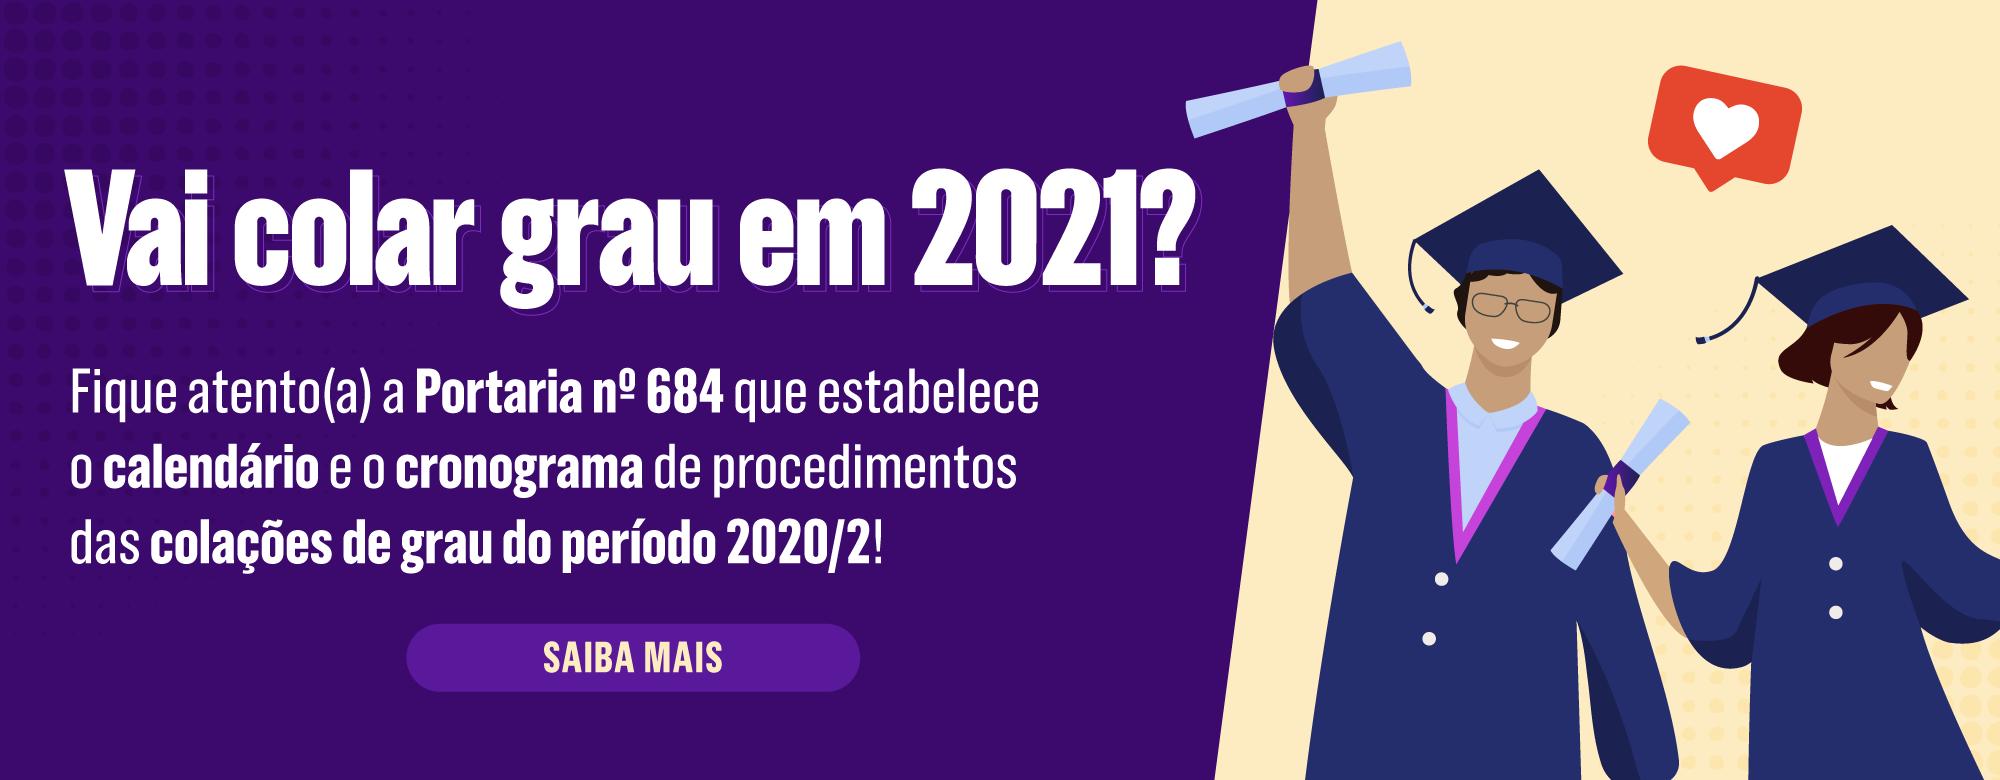 Calendário de Colações de Grau 2020/2 é divulgado